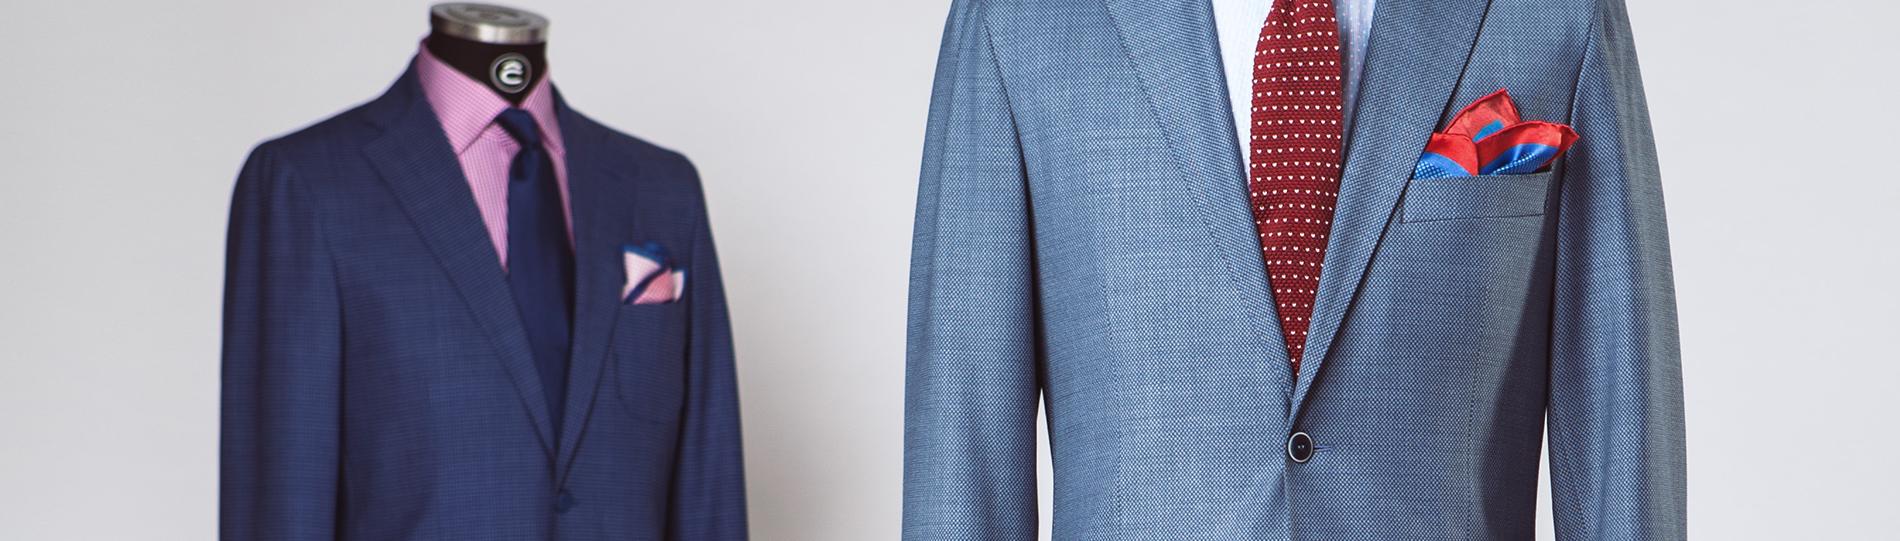 d6524c825dd95 Garnitur to filar formalnego stylu w modzie męskiej, przetrwał próbę czasu  i praktycznie w niezmienionej formie funkcjonuje od lat 30.